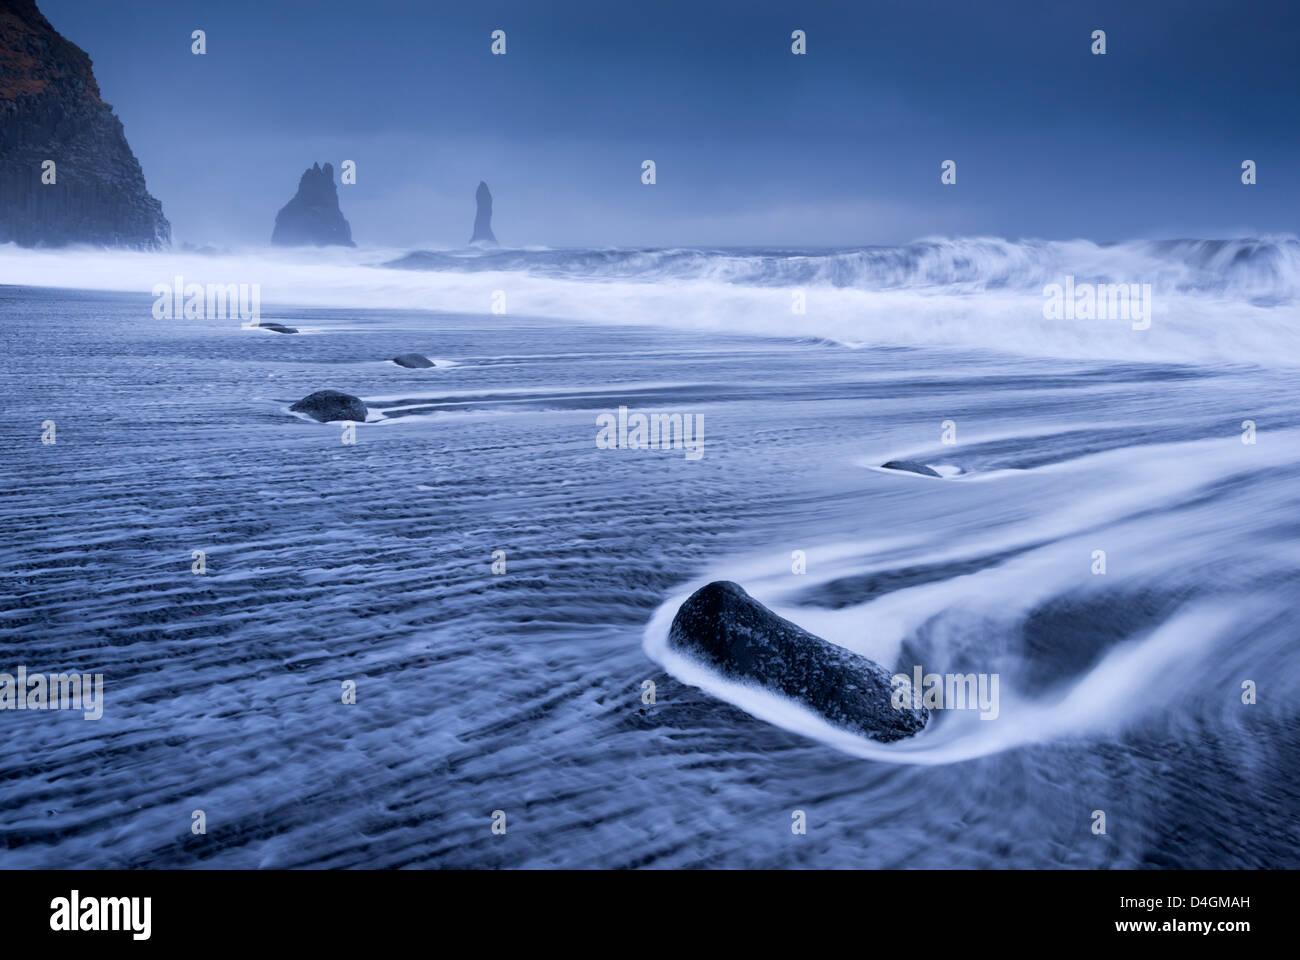 Corriendo olas en la playa de arena negra cerca de Vik en la costa sur de Islandia. Invierno (enero de 2013). Imagen De Stock